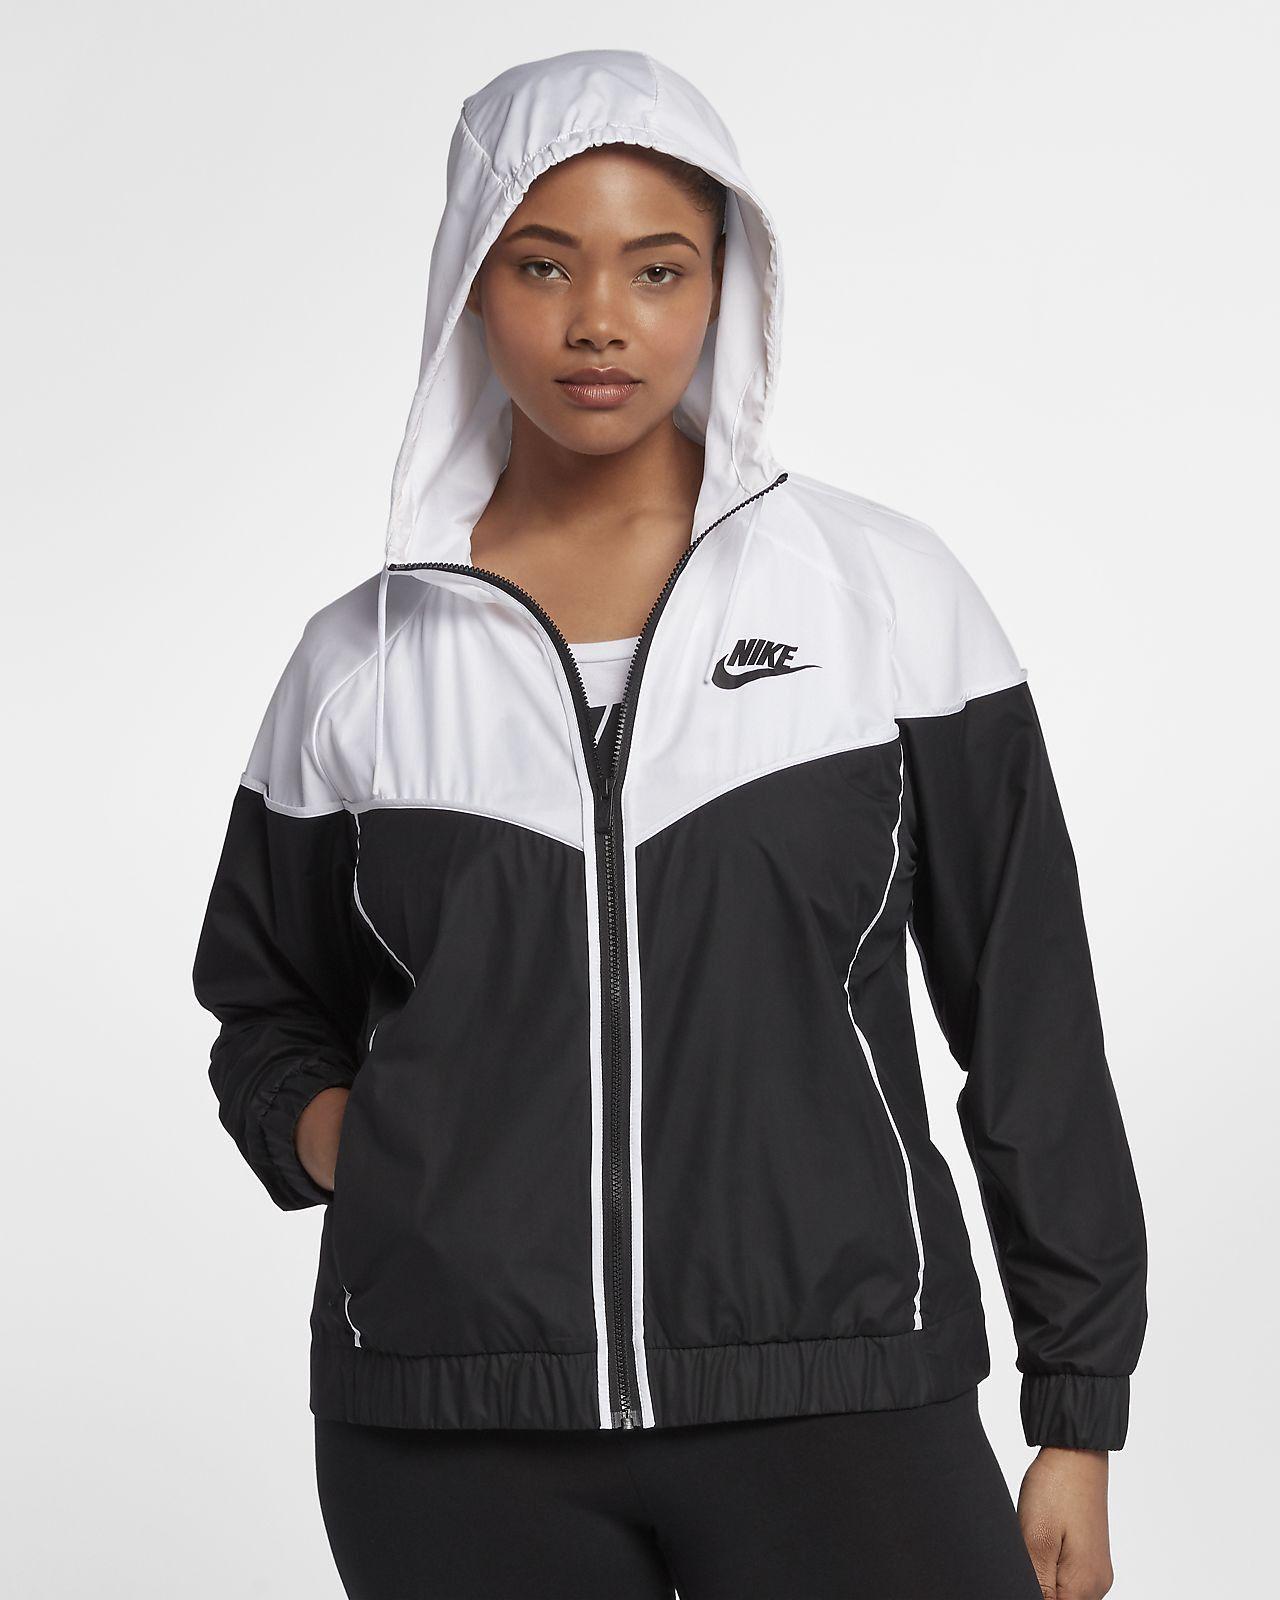 2a35f97ada4 Nike Sportswear Windrunner Women s Jacket (Plus Size) - 2X (20W-22W)